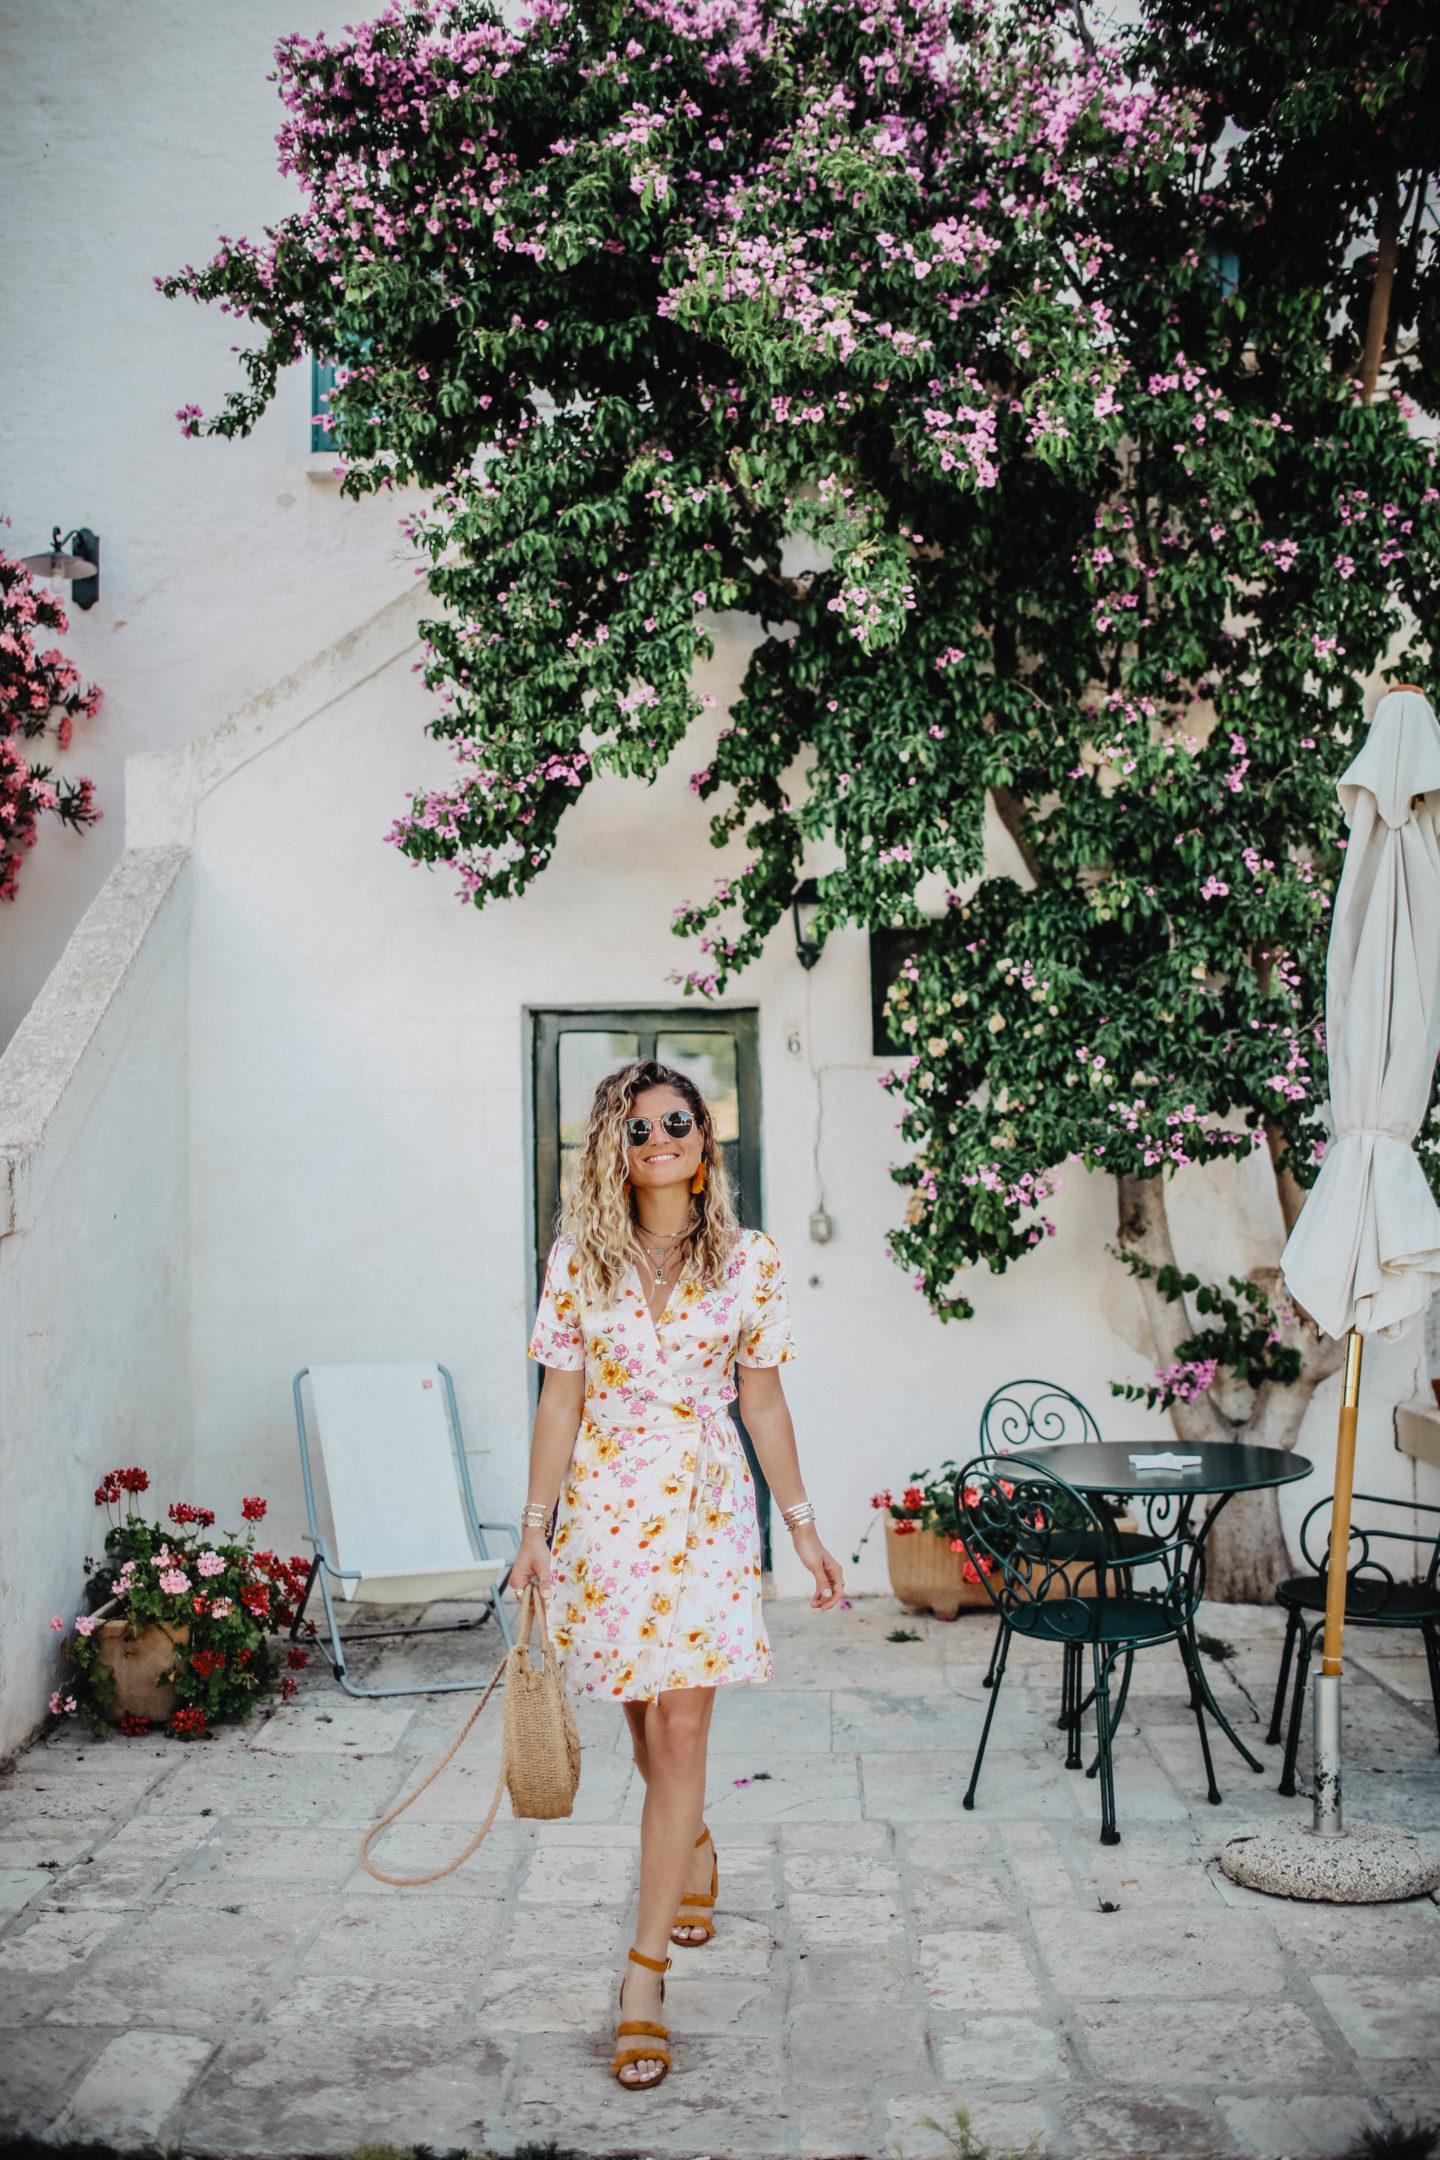 tenue pour le printemps femme marie and mood blog mode